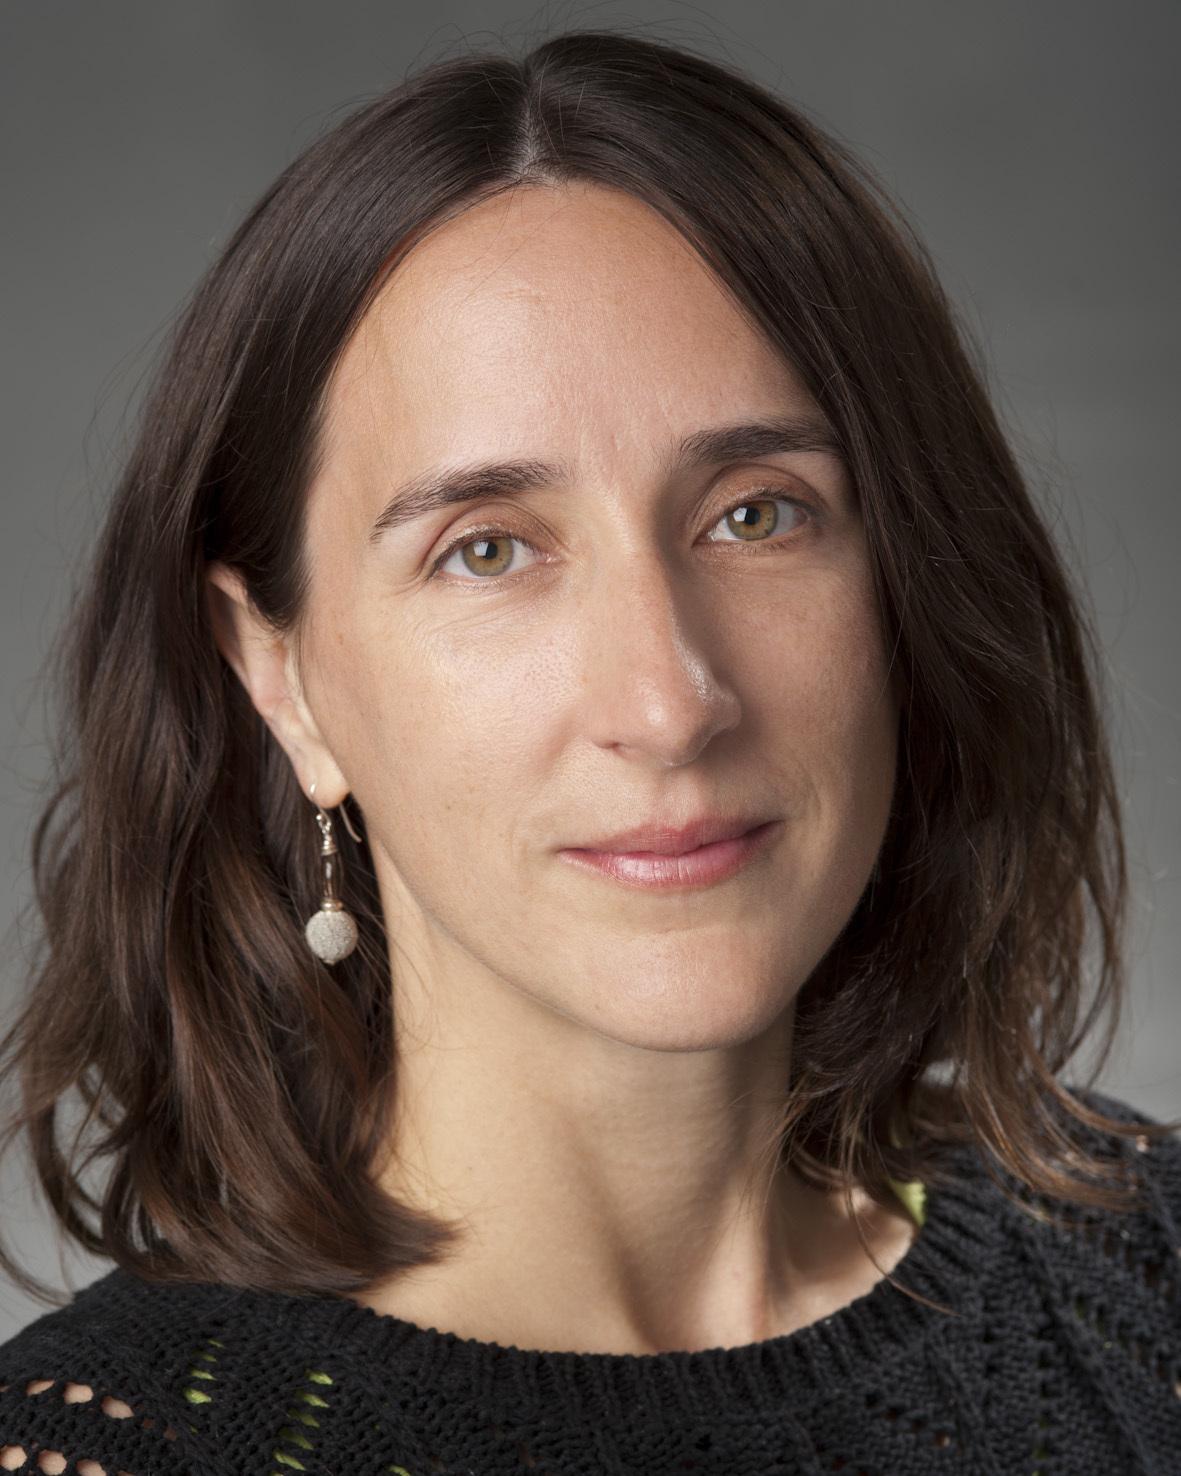 Profile picture of Celia McMichael